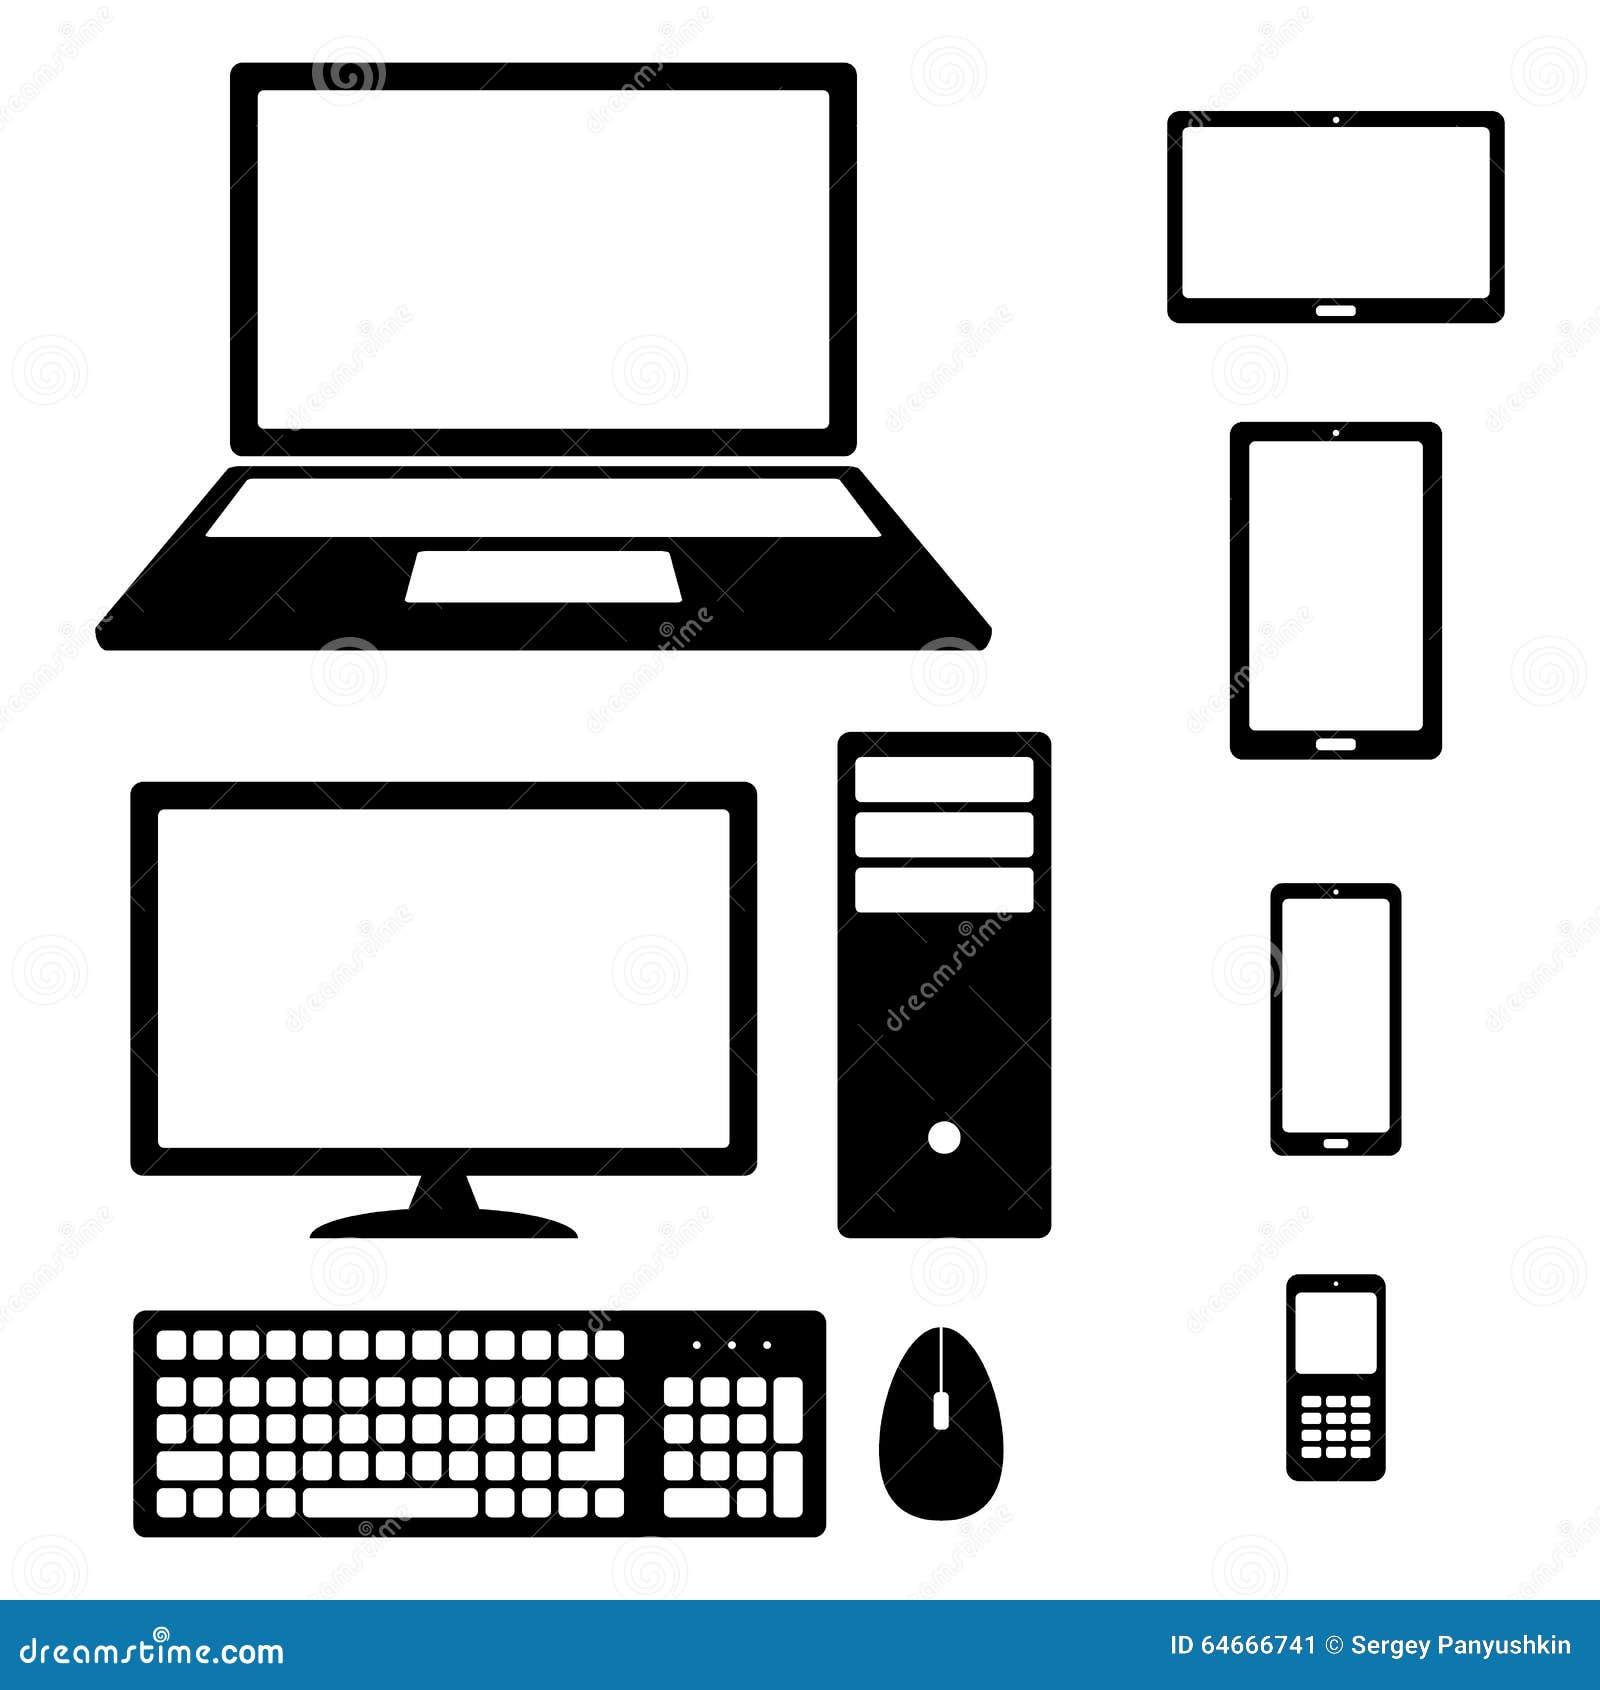 Przyrząd ikony smartphone, pastylka, laptop, komputer stacjonarny, telefon, klawiatura i mysz,